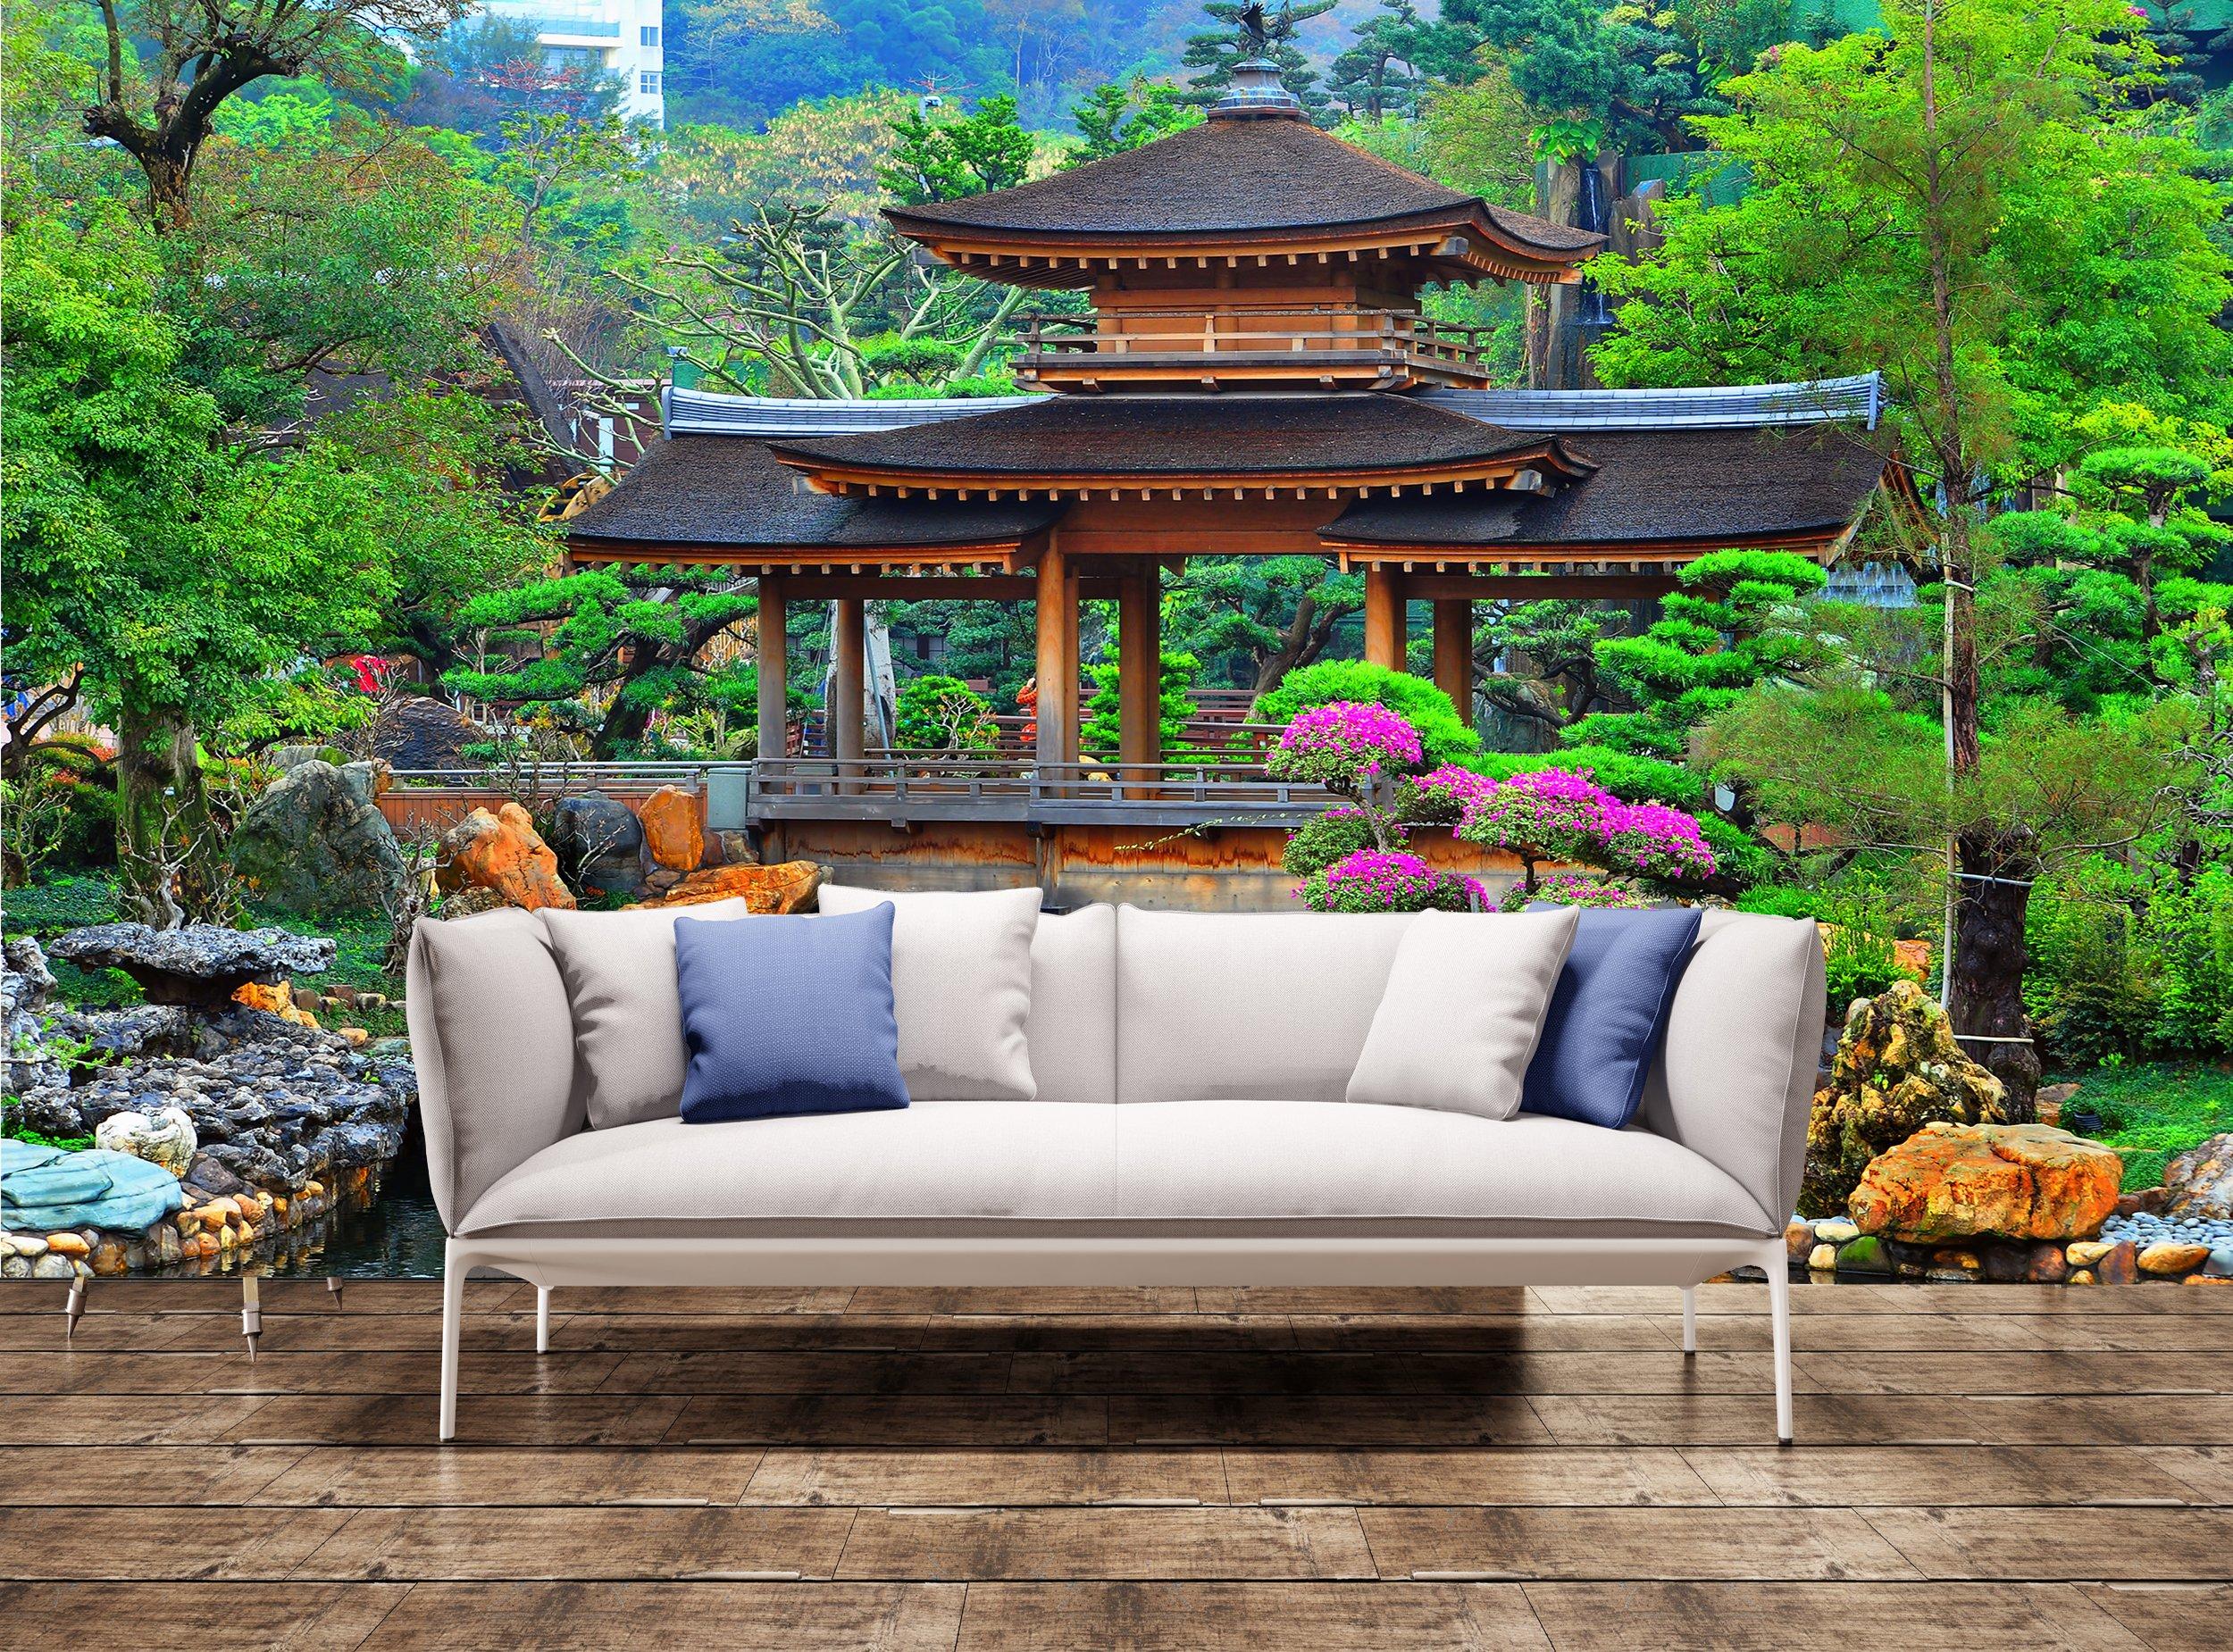 Poster: Pagoda en China Zen Jardín impresión pared pared papel pintado adhesivo: Amazon.es: Bricolaje y herramientas